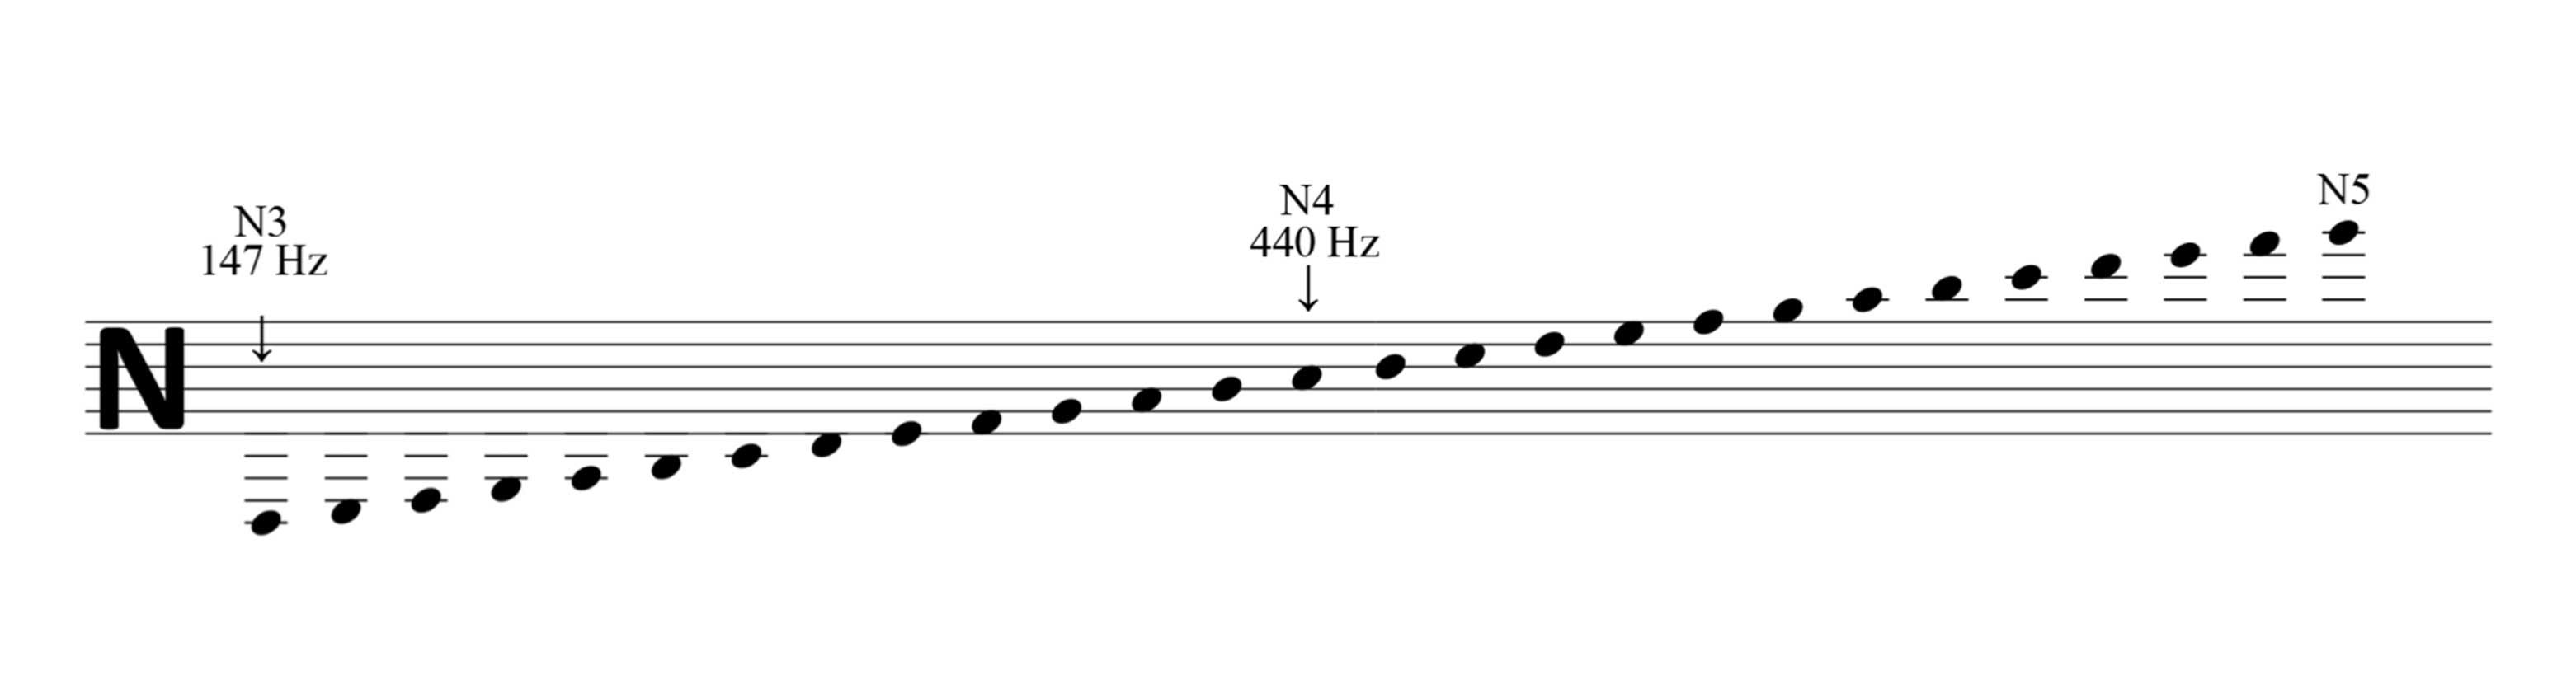 Bohlen-Pierce chromatic notation